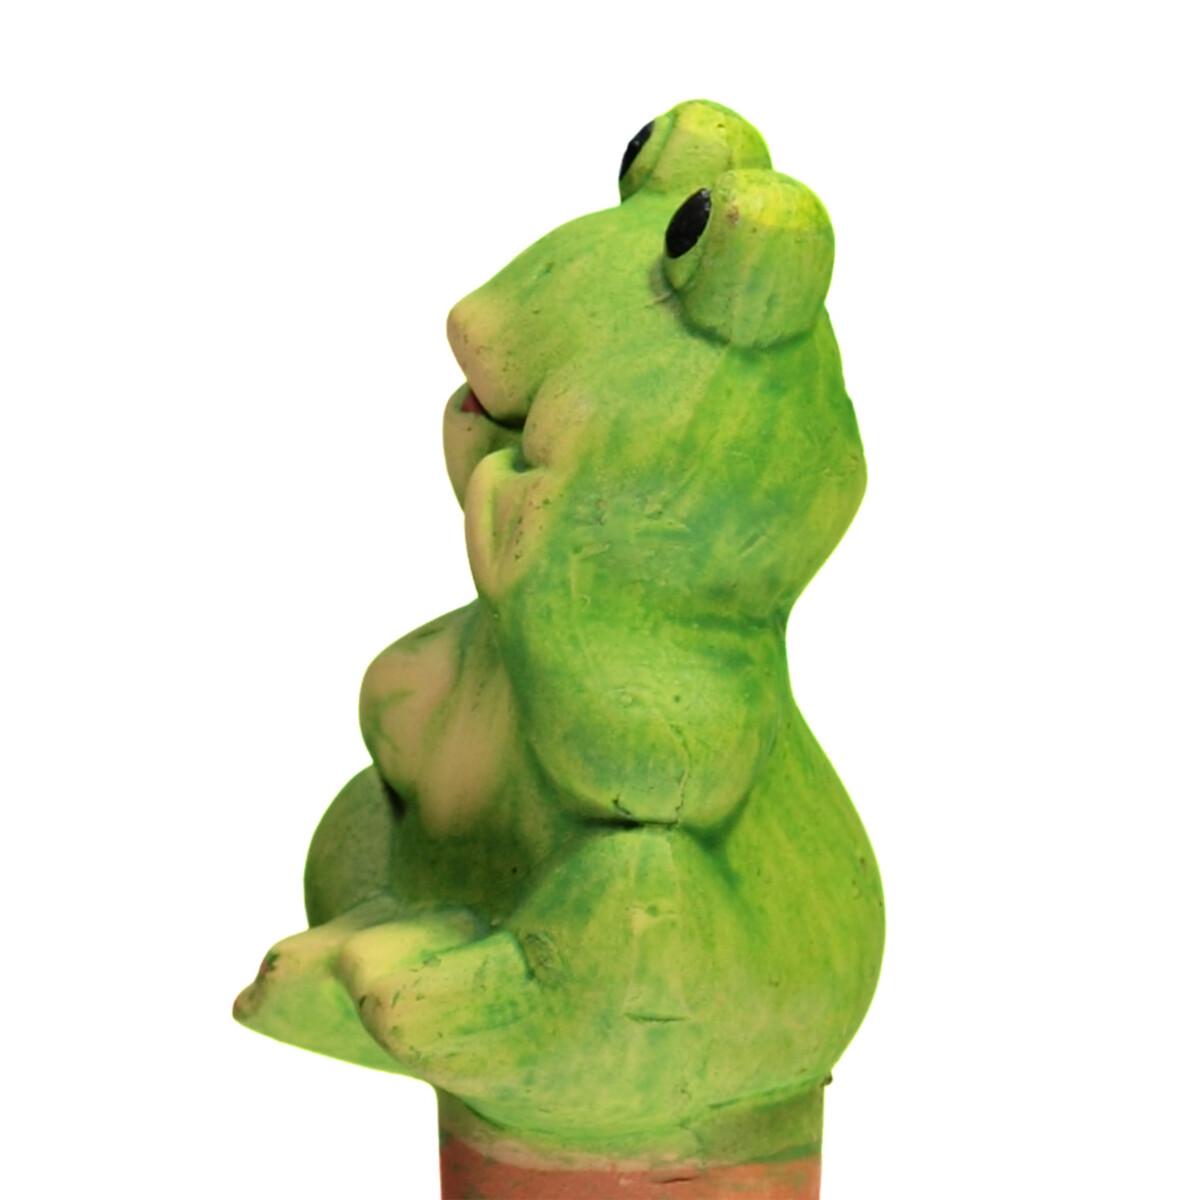 Bild 3 von Frosch aus Keramik, 10 cm hoch